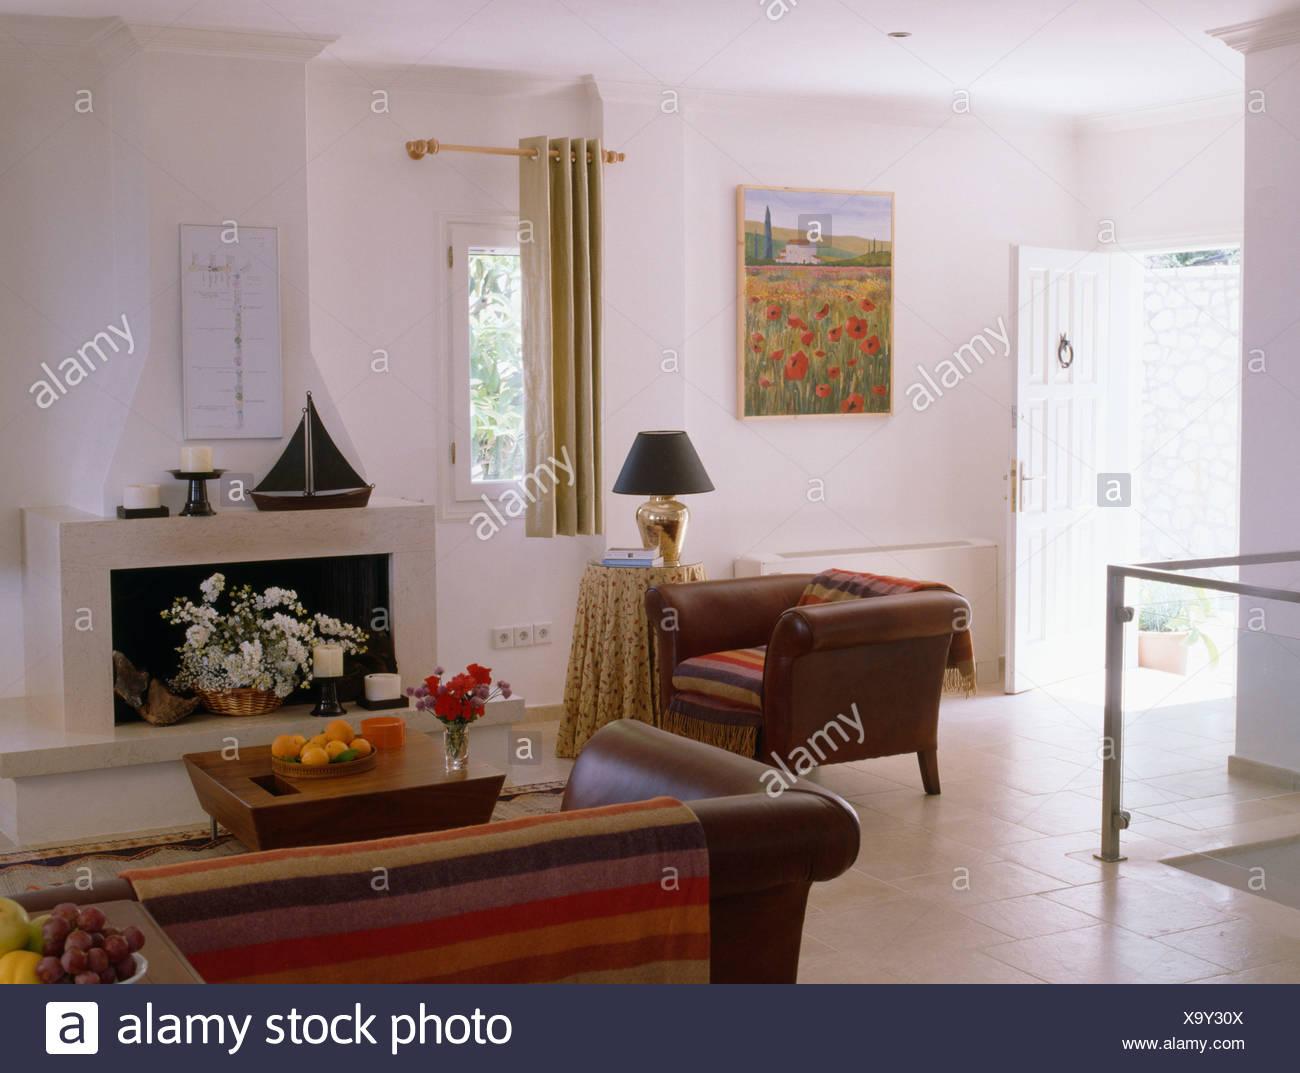 Fauteuil en cuir marron et blanc moderne canapé dans salon ...